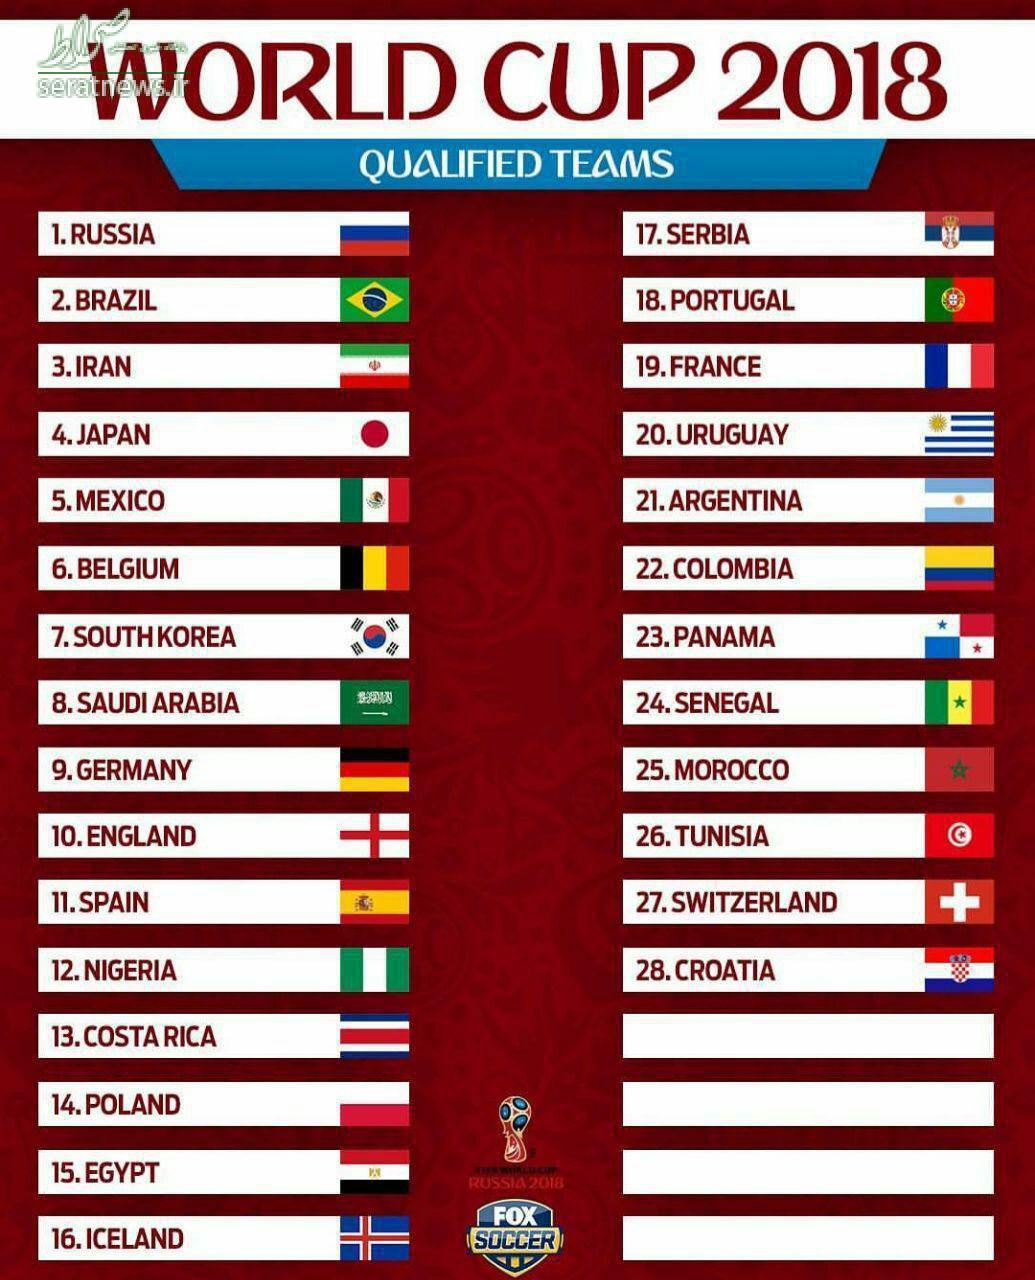 جدول/ ۲۸ تیم صعود کرده به جام جهانی